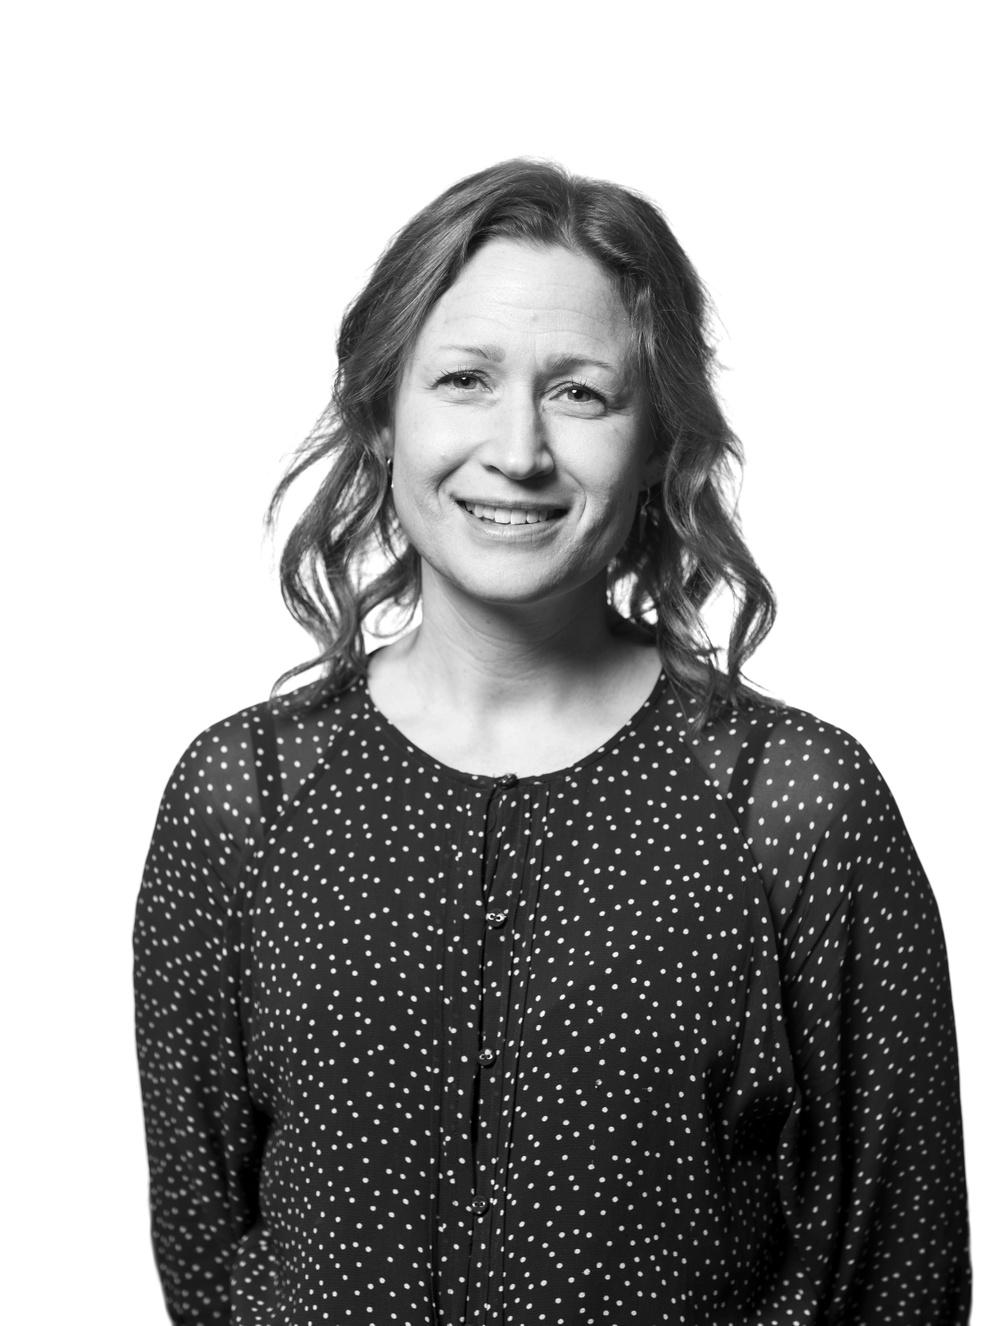 Malin Åberg, pedagog/programkoordinator, Nordiskt Berättarcentrum. Foto: Patrick Degerman.